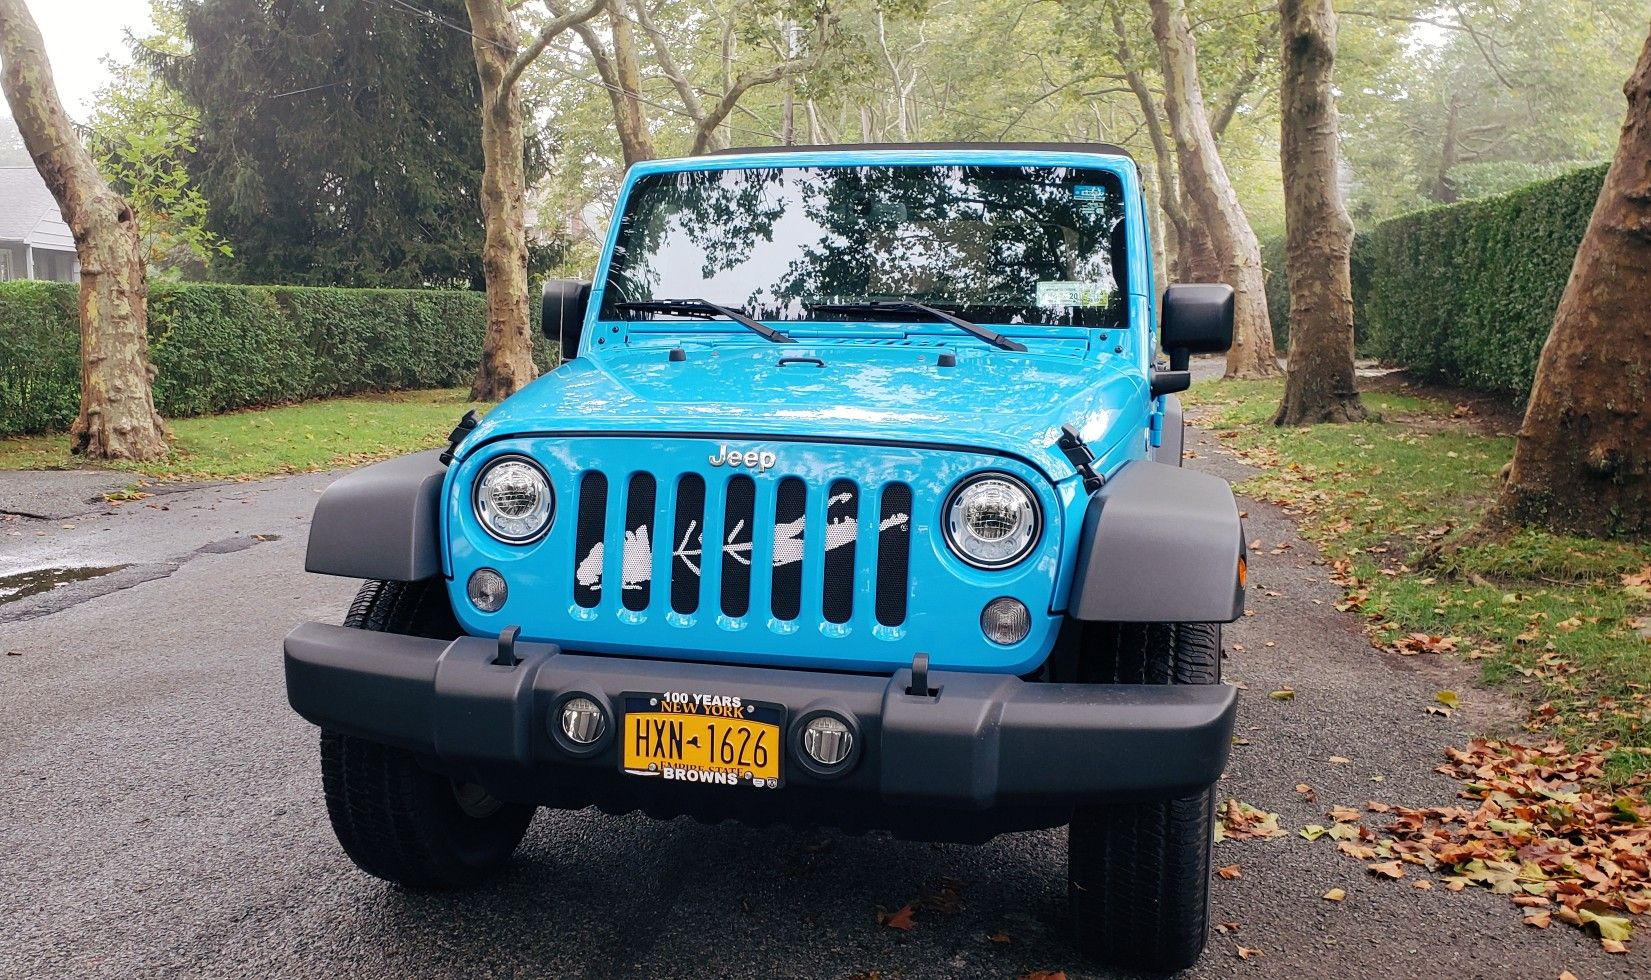 Long Island Jeep Chief Blue Wrangler Carletonclothing Longisland Jeep Wranlger Fishing Chiefblue Blue Jeep Jeep Jeep Wrangler